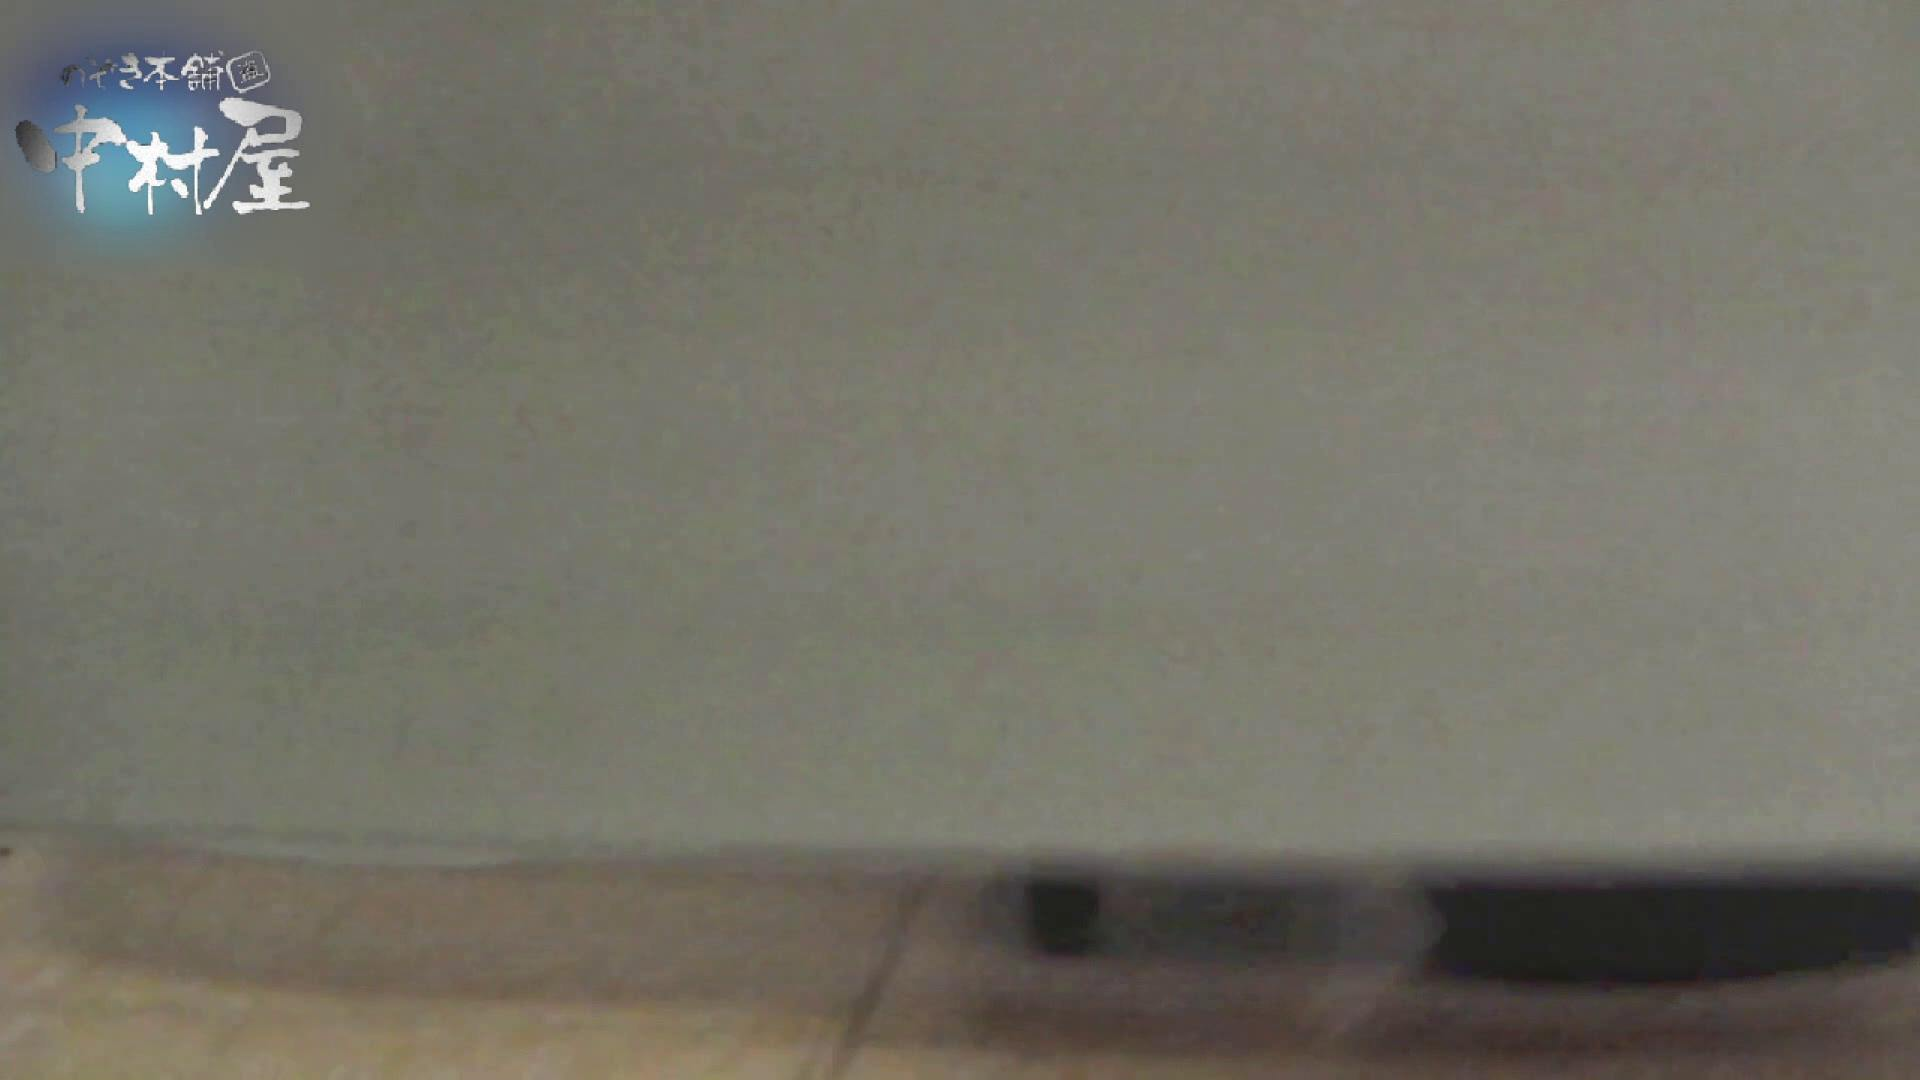 乙女集まる!ショッピングモール潜入撮vol.12 和式 盗み撮りAV無料動画キャプチャ 60PICs 11